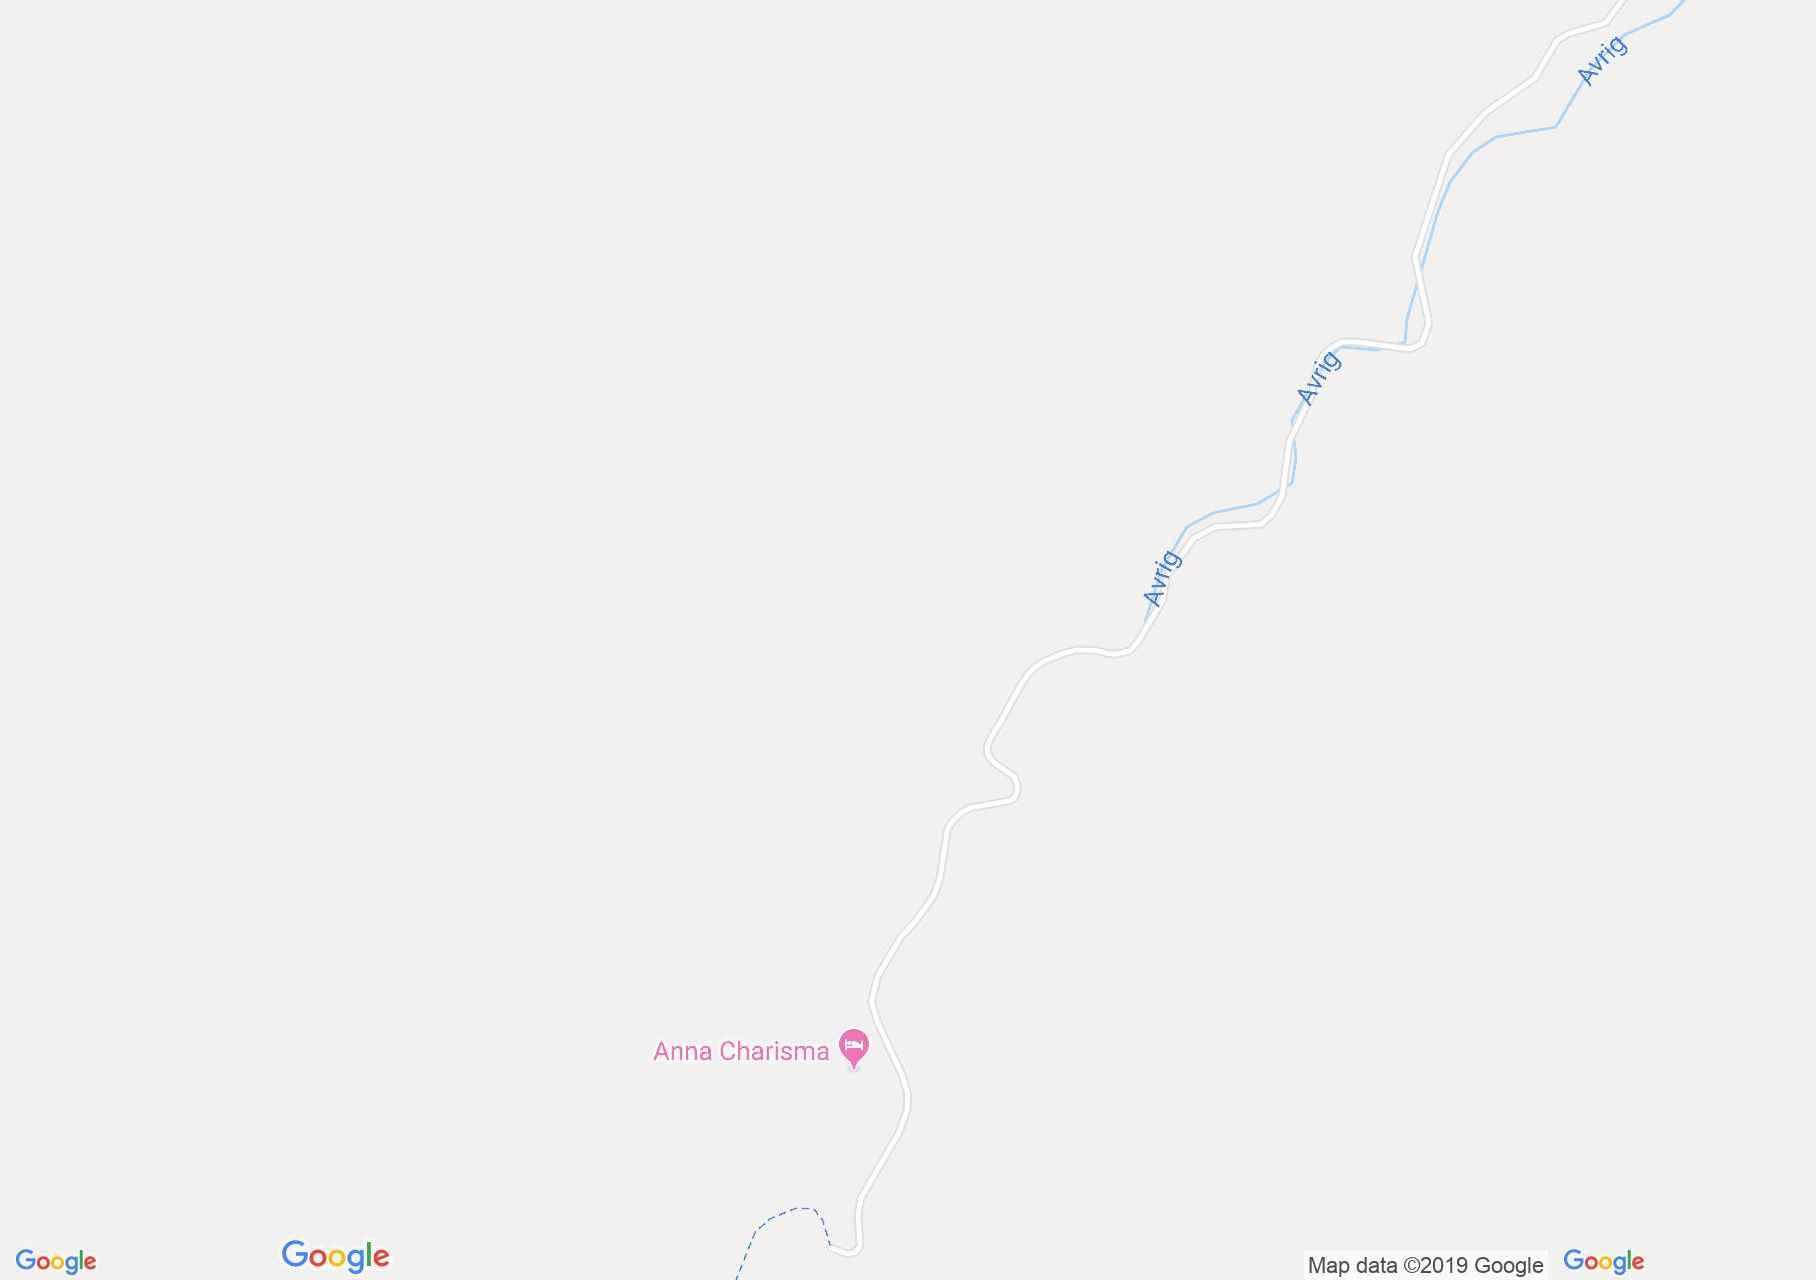 Hartă Munţii Făgăraş: Podul Jibri - Şaua Apei Cumpănite